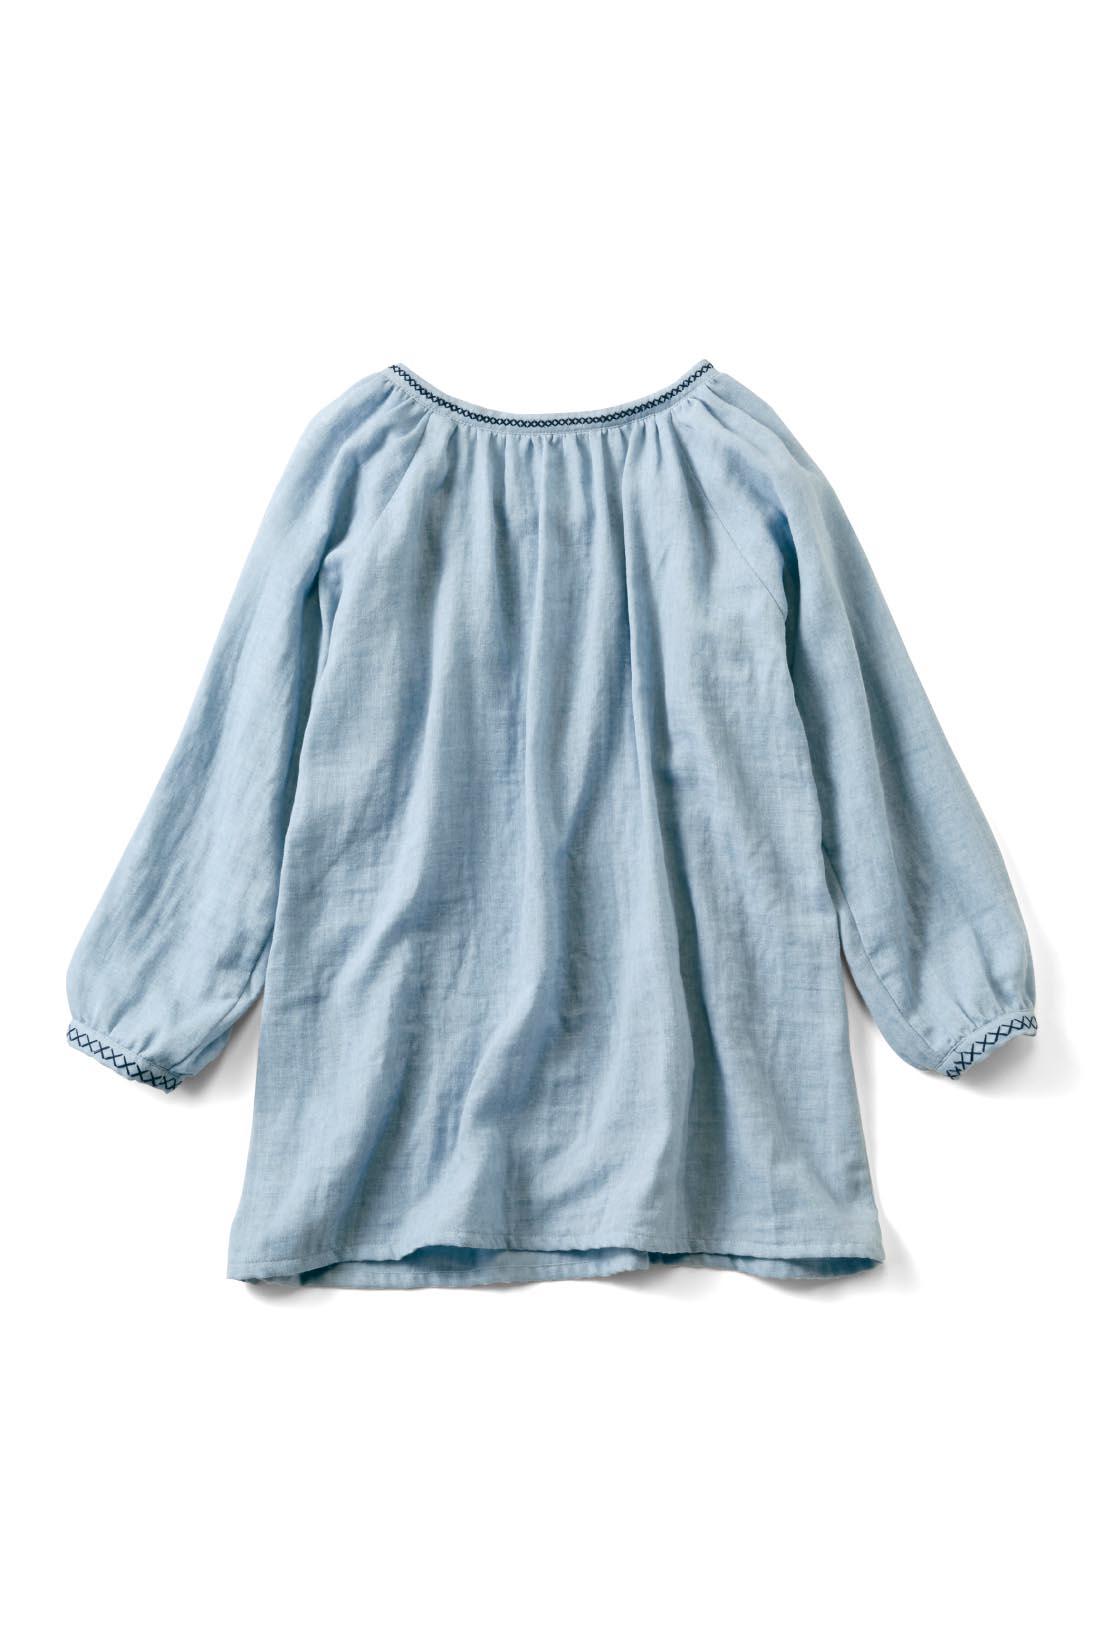 Back 衿ぐりと袖口の刺しゅうが後ろ姿のアクセントに。 ※お届けするカラーとは異なります。